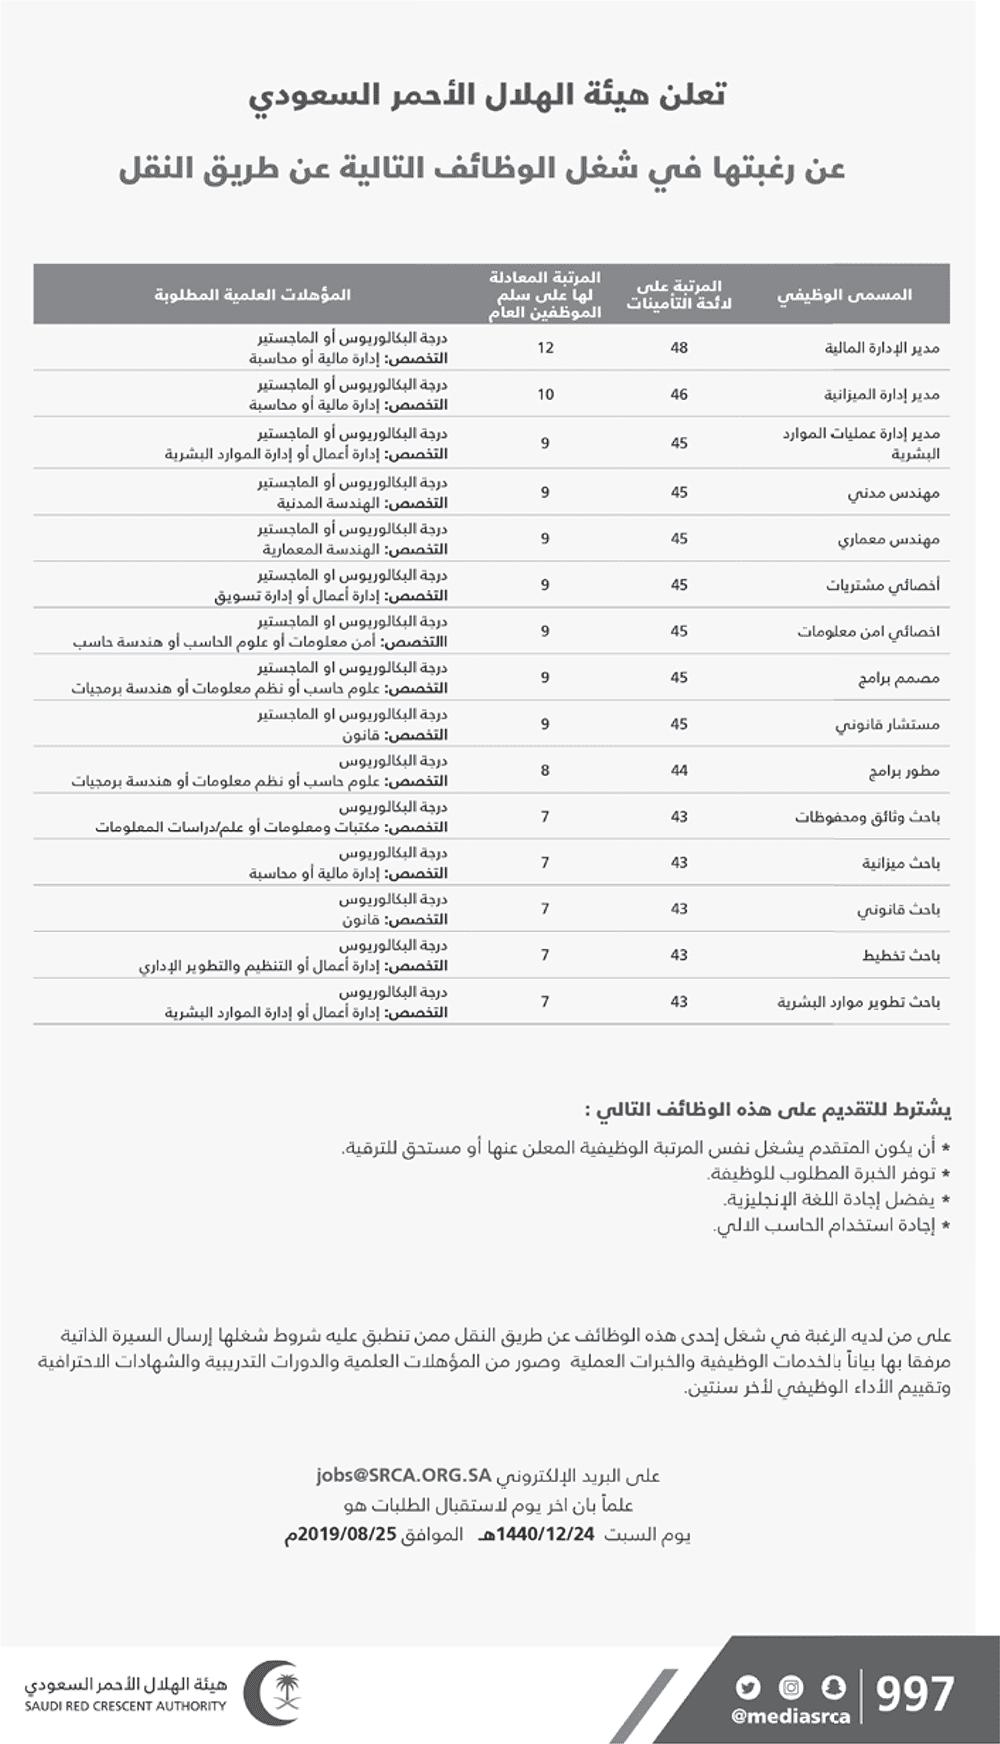 الهلال الأحمر السعودي وظائف ادارية شاغرة